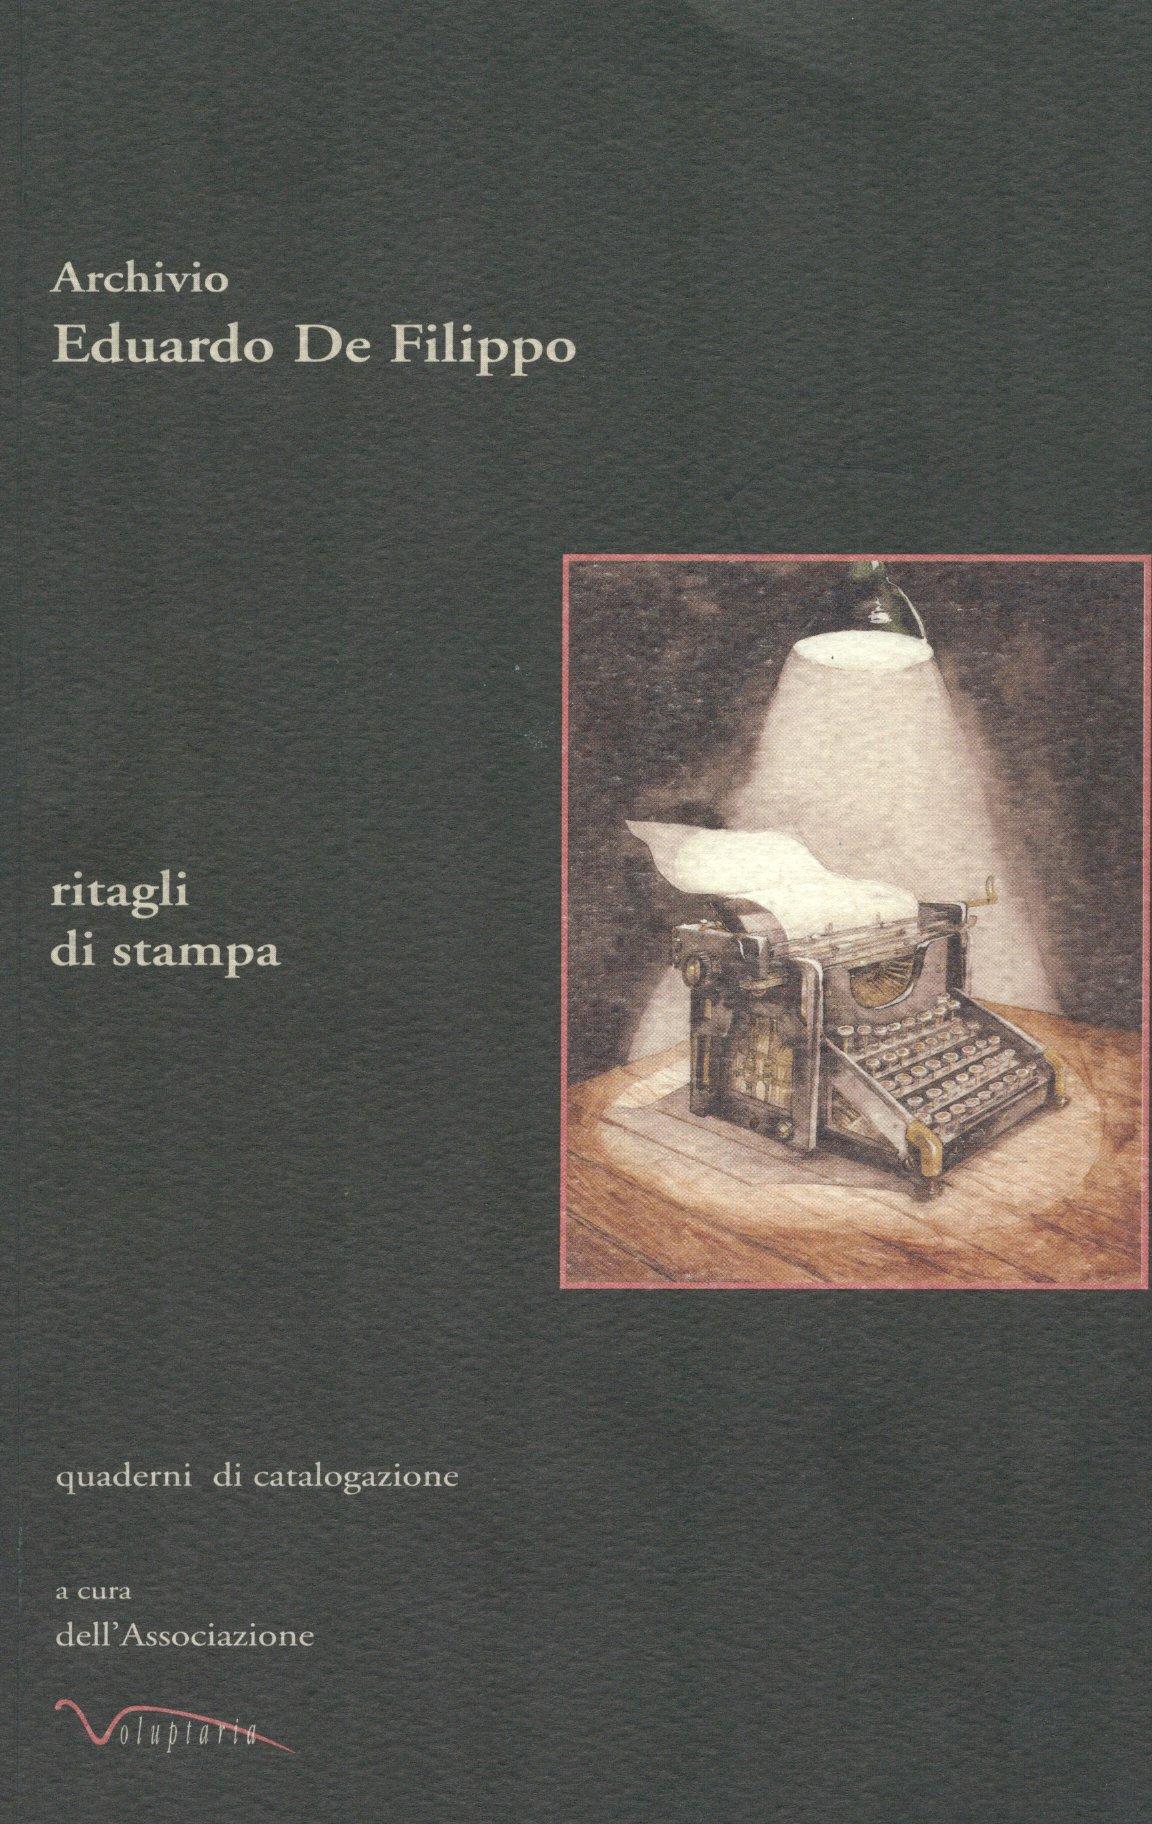 Archivio Eduardo De Filippo ritagli di stampa